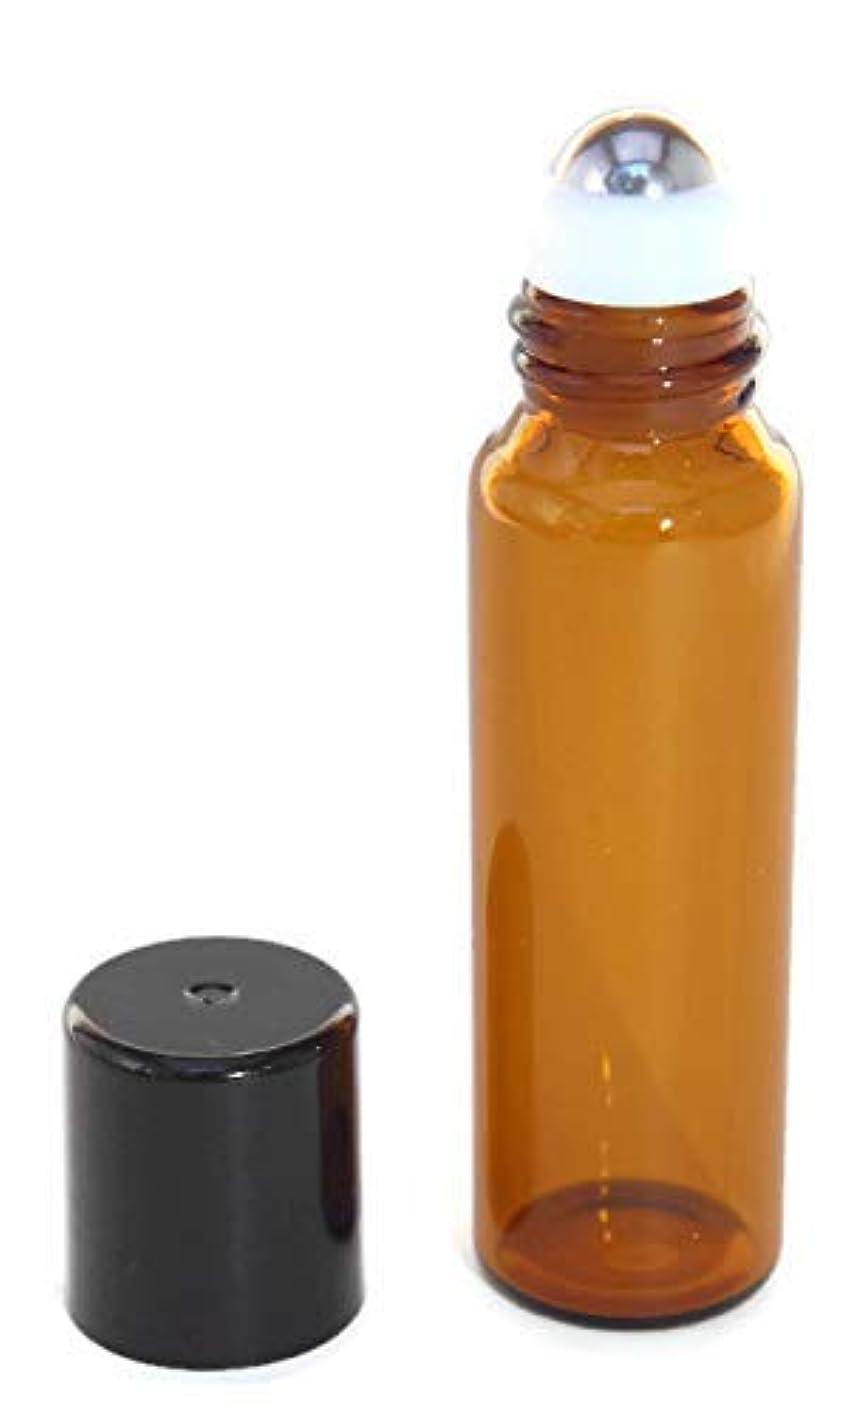 密マダム禁止USA 144 Amber Glass 5 ml, Roll-On Glass Bottles with Stainless Steel Roller Roll On Balls - Refillable Aromatherapy...